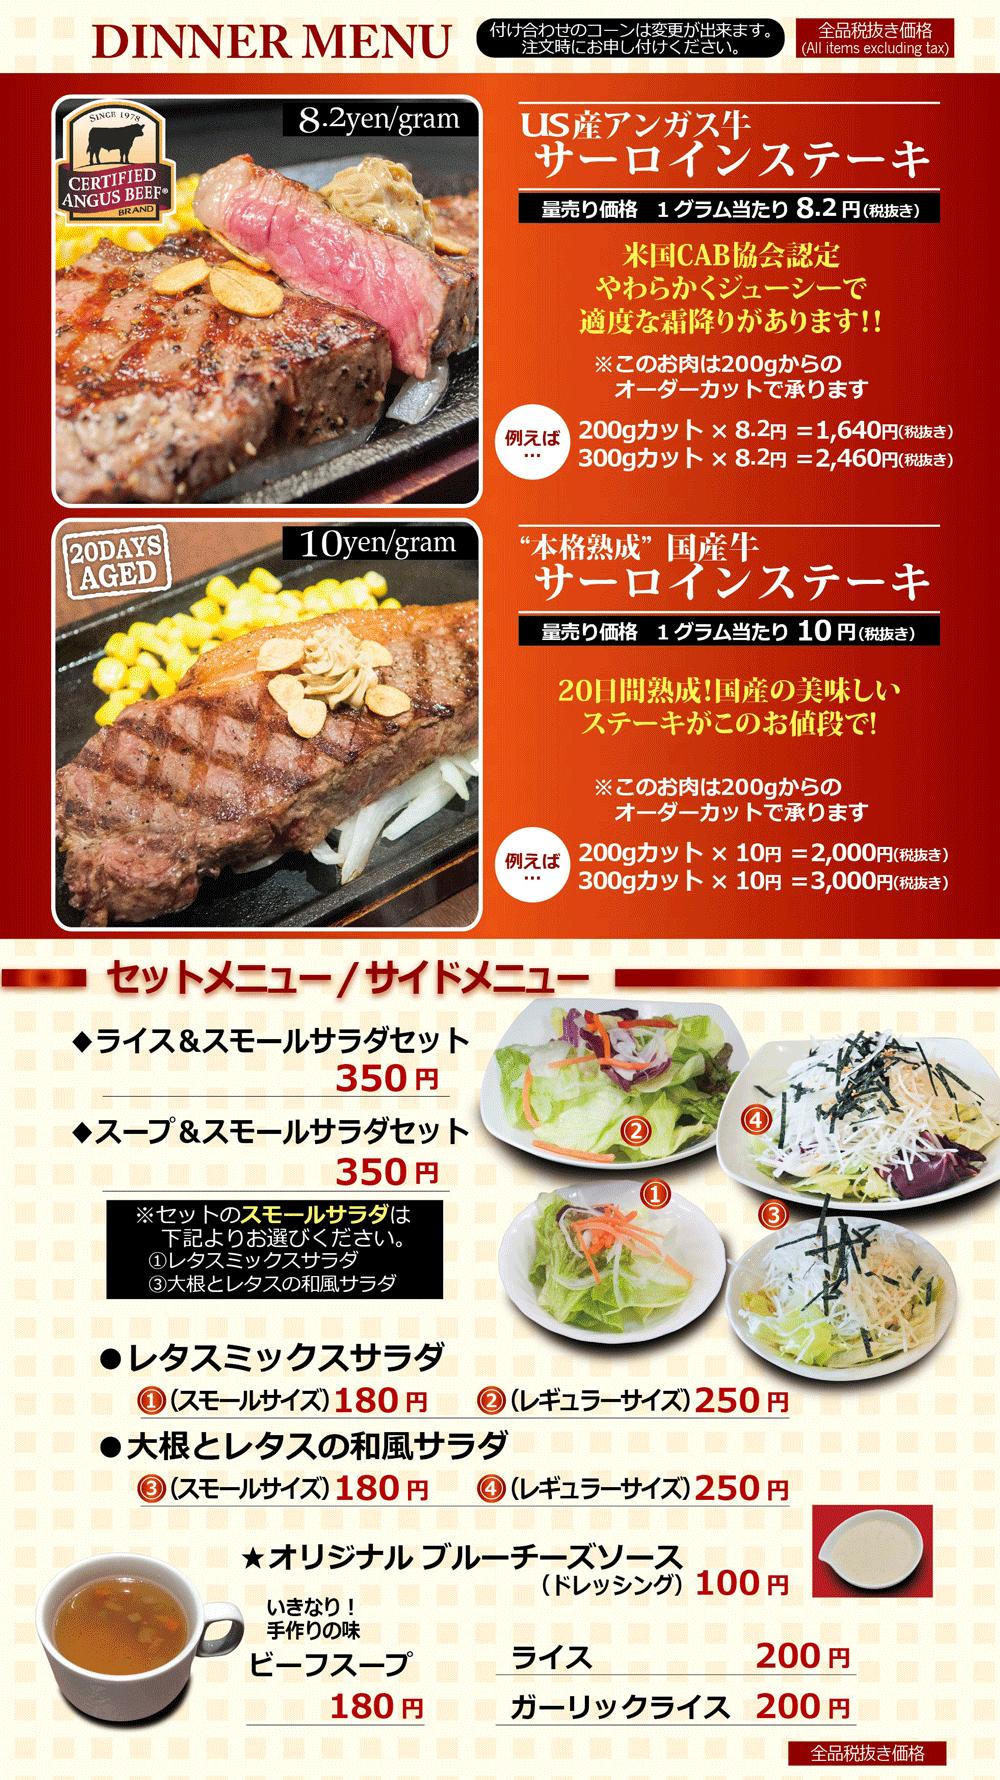 いきなりステーキ富山天正寺店のディナーメニュー2